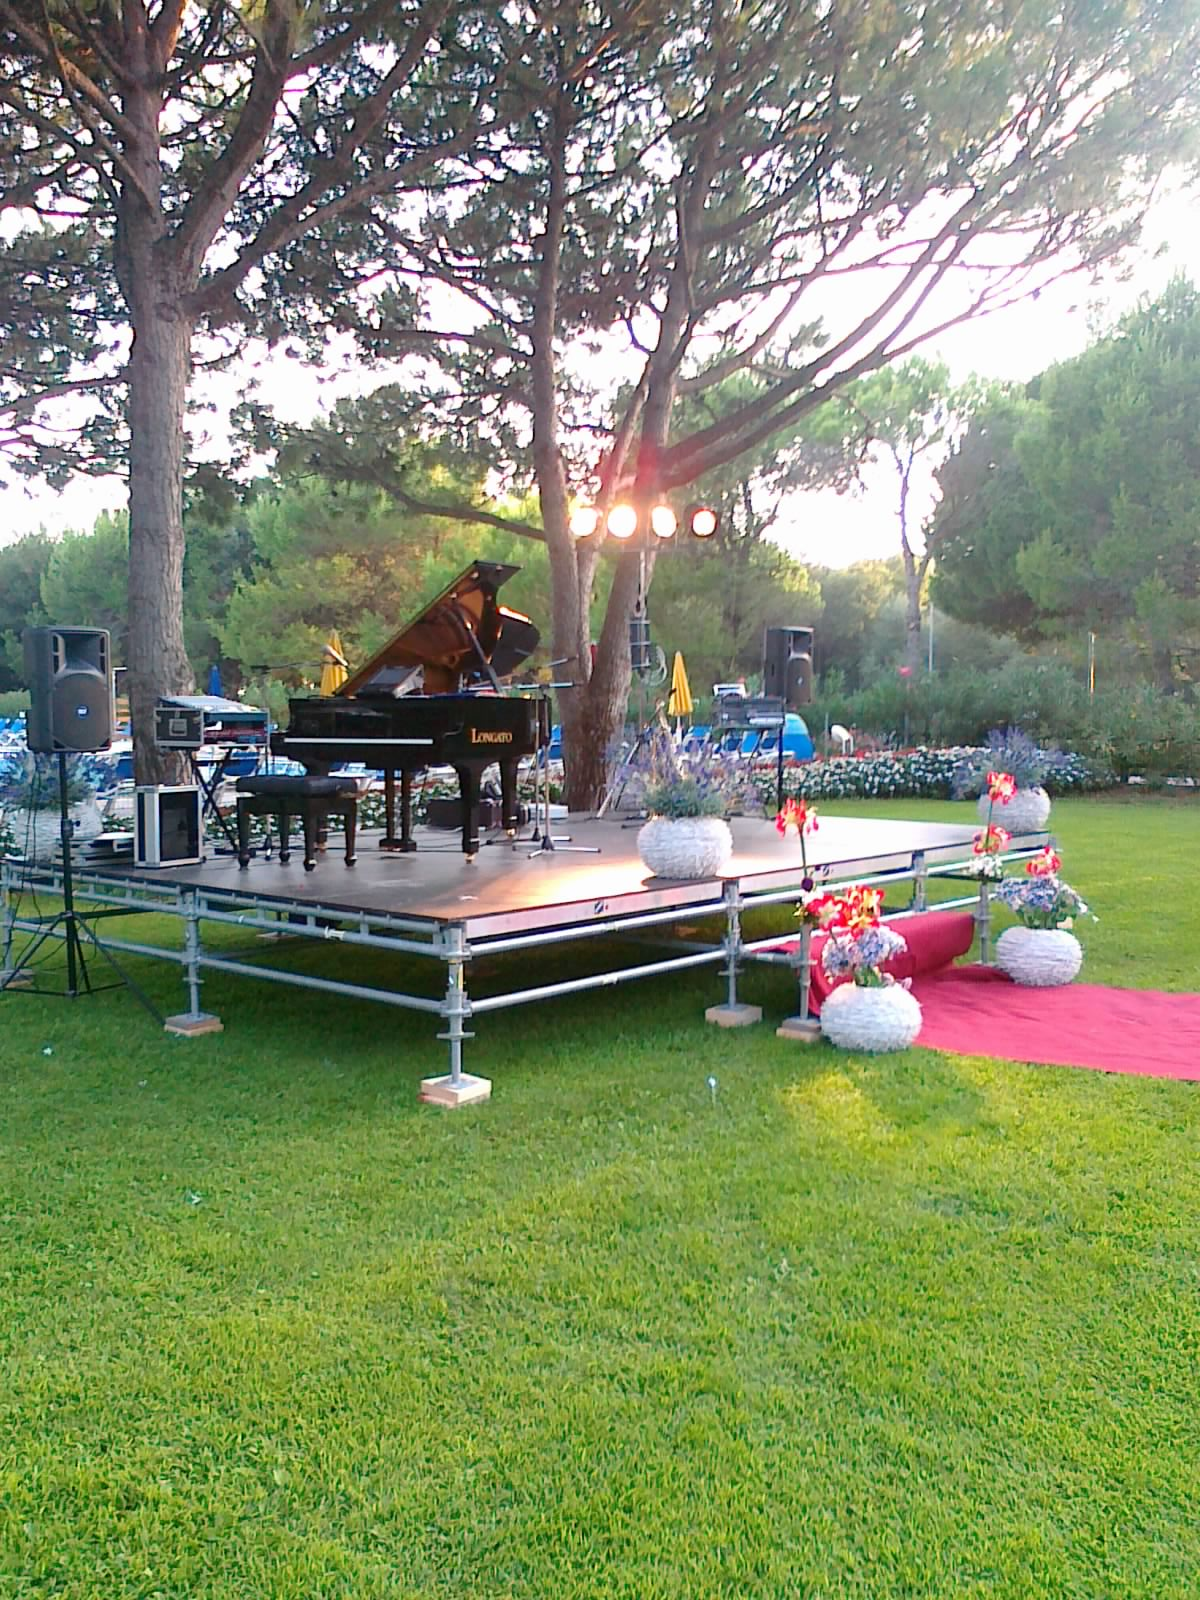 NOLEGGIO PIANOFORTI A CODA (VENEZIA)-EVENTI-CONCERTI!!!!